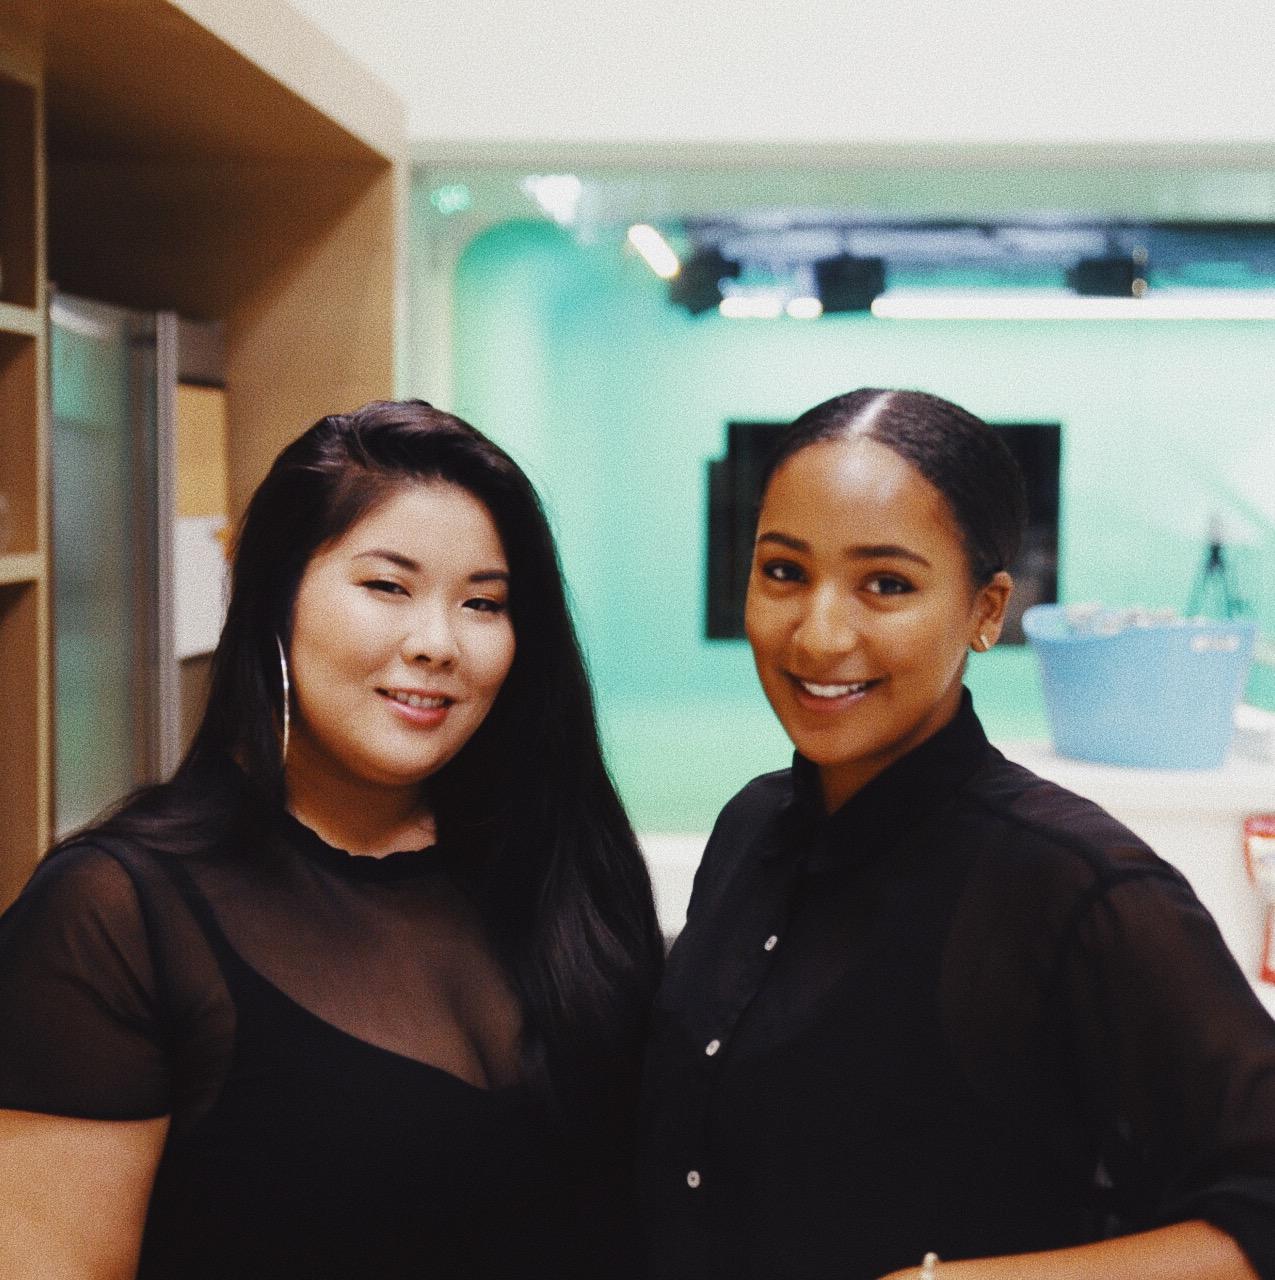 With artist, Ariel Oki